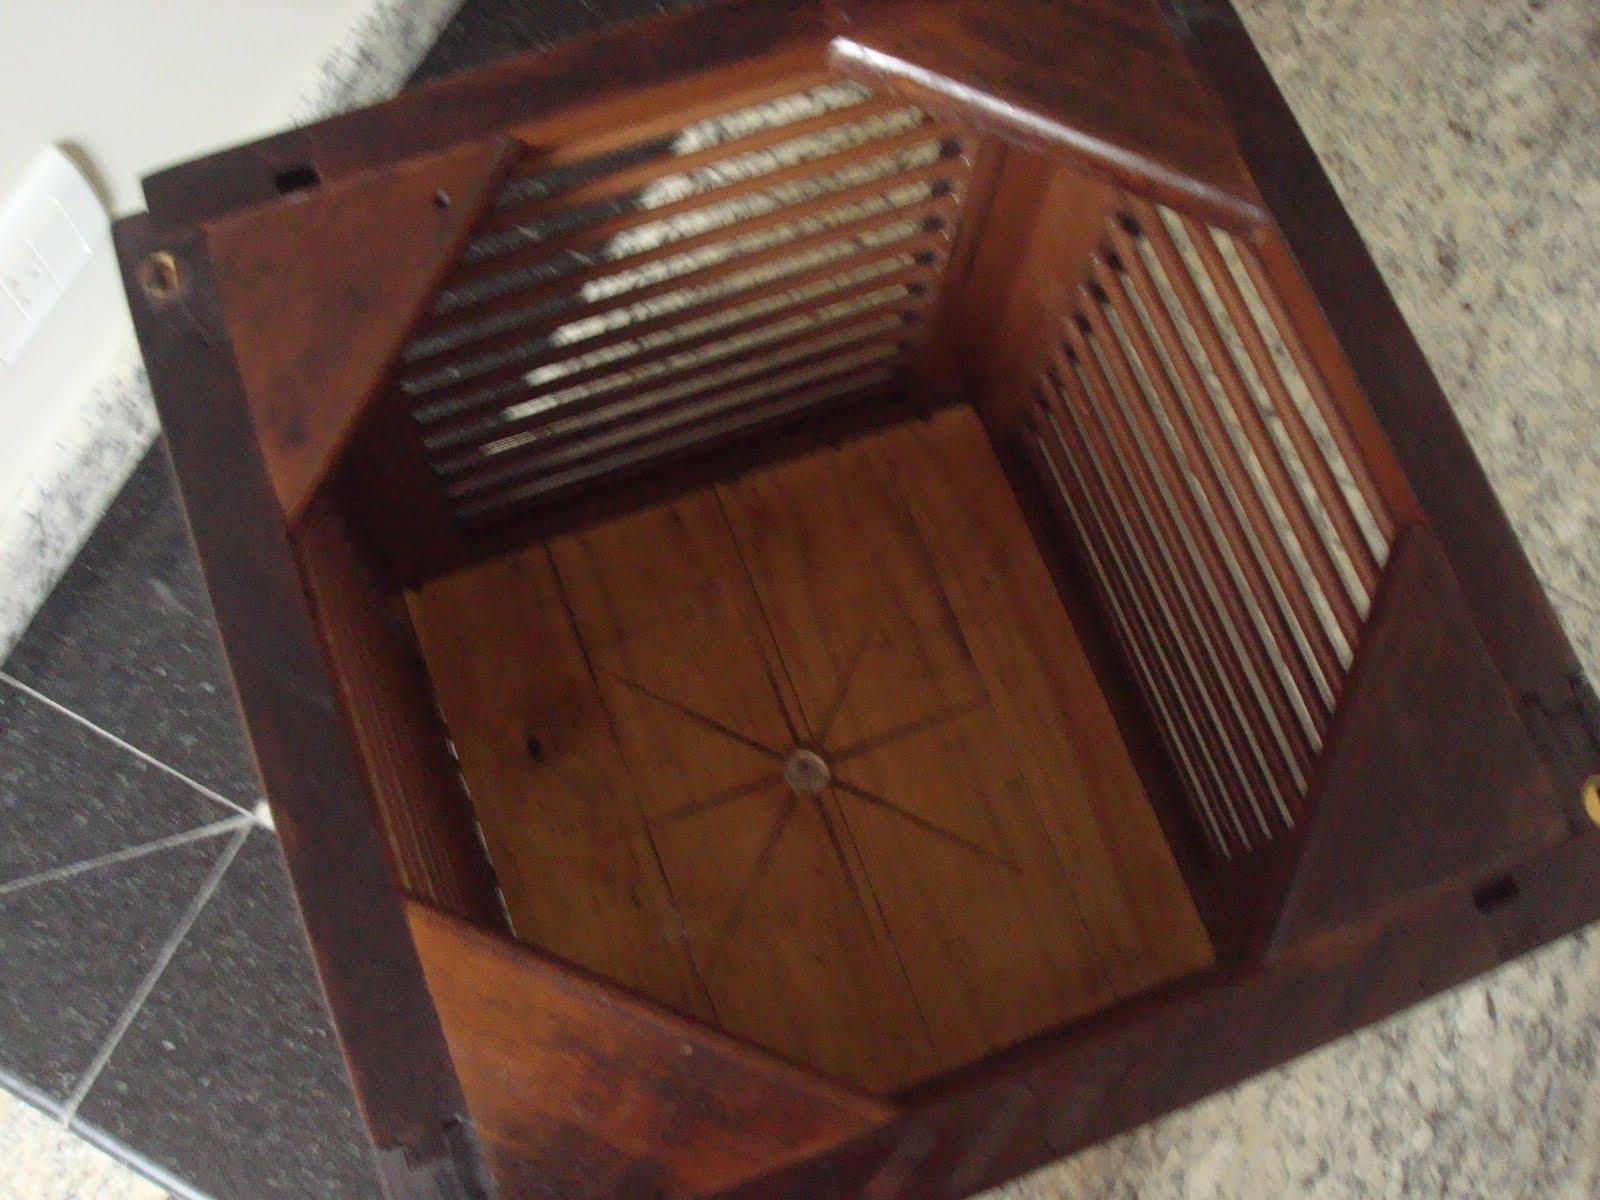 de imbuia e rodizios de gel madeira reaproveitada de janela veneziana #643828 1600x1200